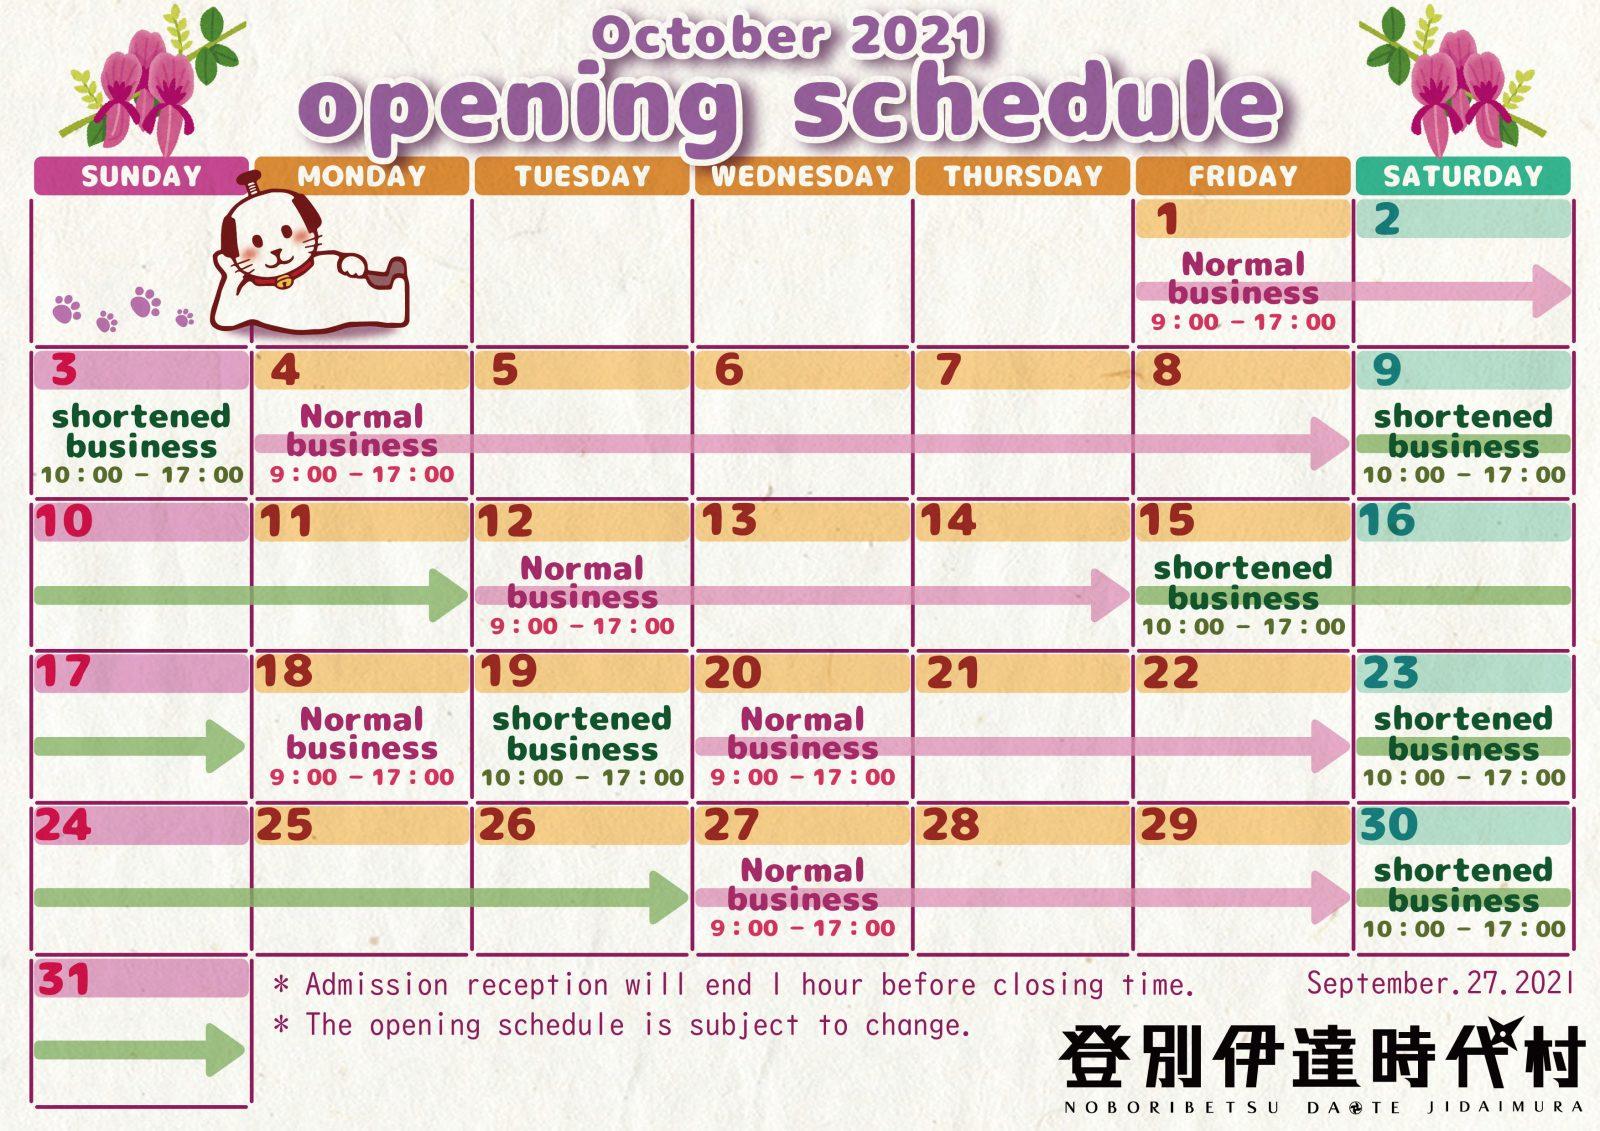 Opening Schedule